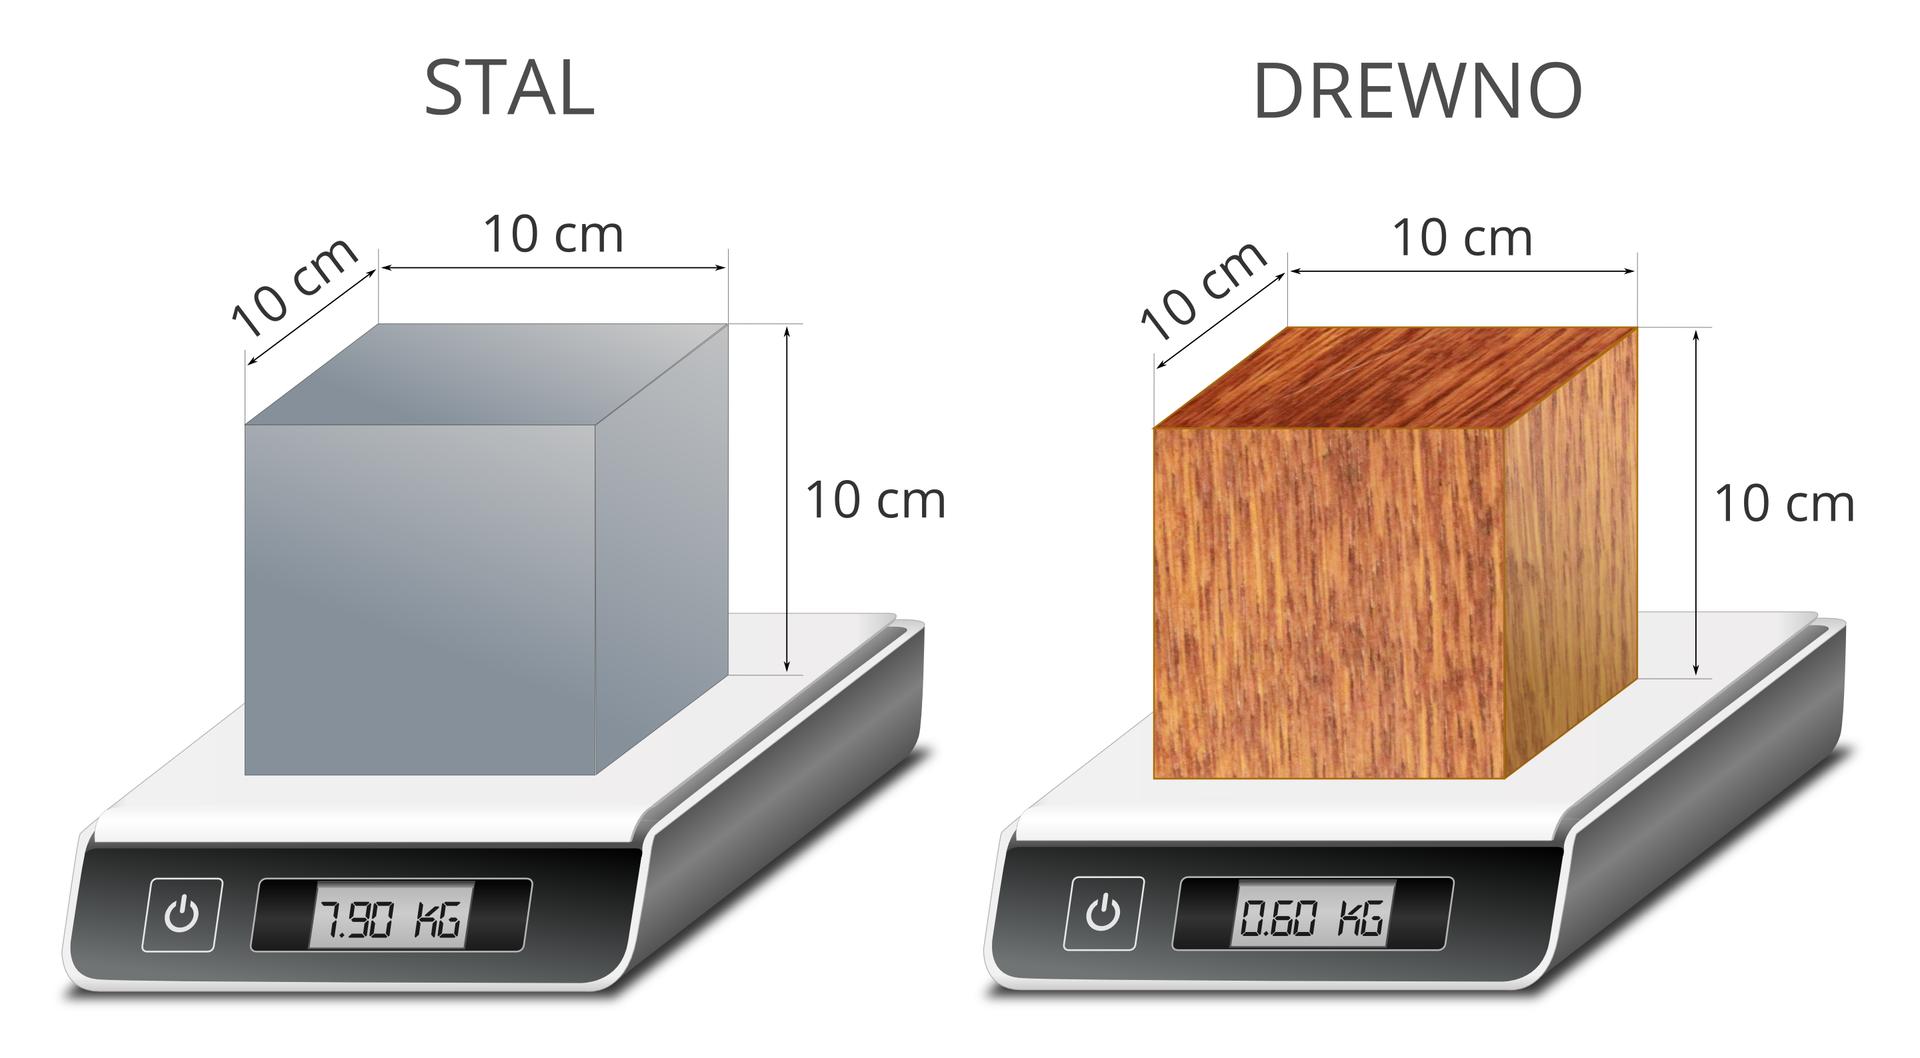 Ilustracja przedstawia dwie wagi zwyświetlaczem cyfrowym. Tło białe. Wagi ustawione są na płaskiej, równej powierzchni. Na obu wagach umieszczono po jednym sześcianie. Sześciany wykonane zostały zróżnych materiałów. Pierwszy – ze stali. Kolor szary. Drugi – zdrewna. Kolor brązowy. Nad każdym sześcianem znajduje się czarny napisy. Nad pierwszym: STAL. Nad drugim: DREWNO. Oba sześciany mają takie same wymiary. Długości boków oznaczono czarnymi strzałkami. Wynoszą po 10 centymetrów. Wskaźnik wagi, na której jest sześcian ze stali, wskazuje masę 7,90 kilograma. Wskaźnik wagi, na której znajduje się sześcian zdrewna, wskazuje masę 0,60 kilograma.